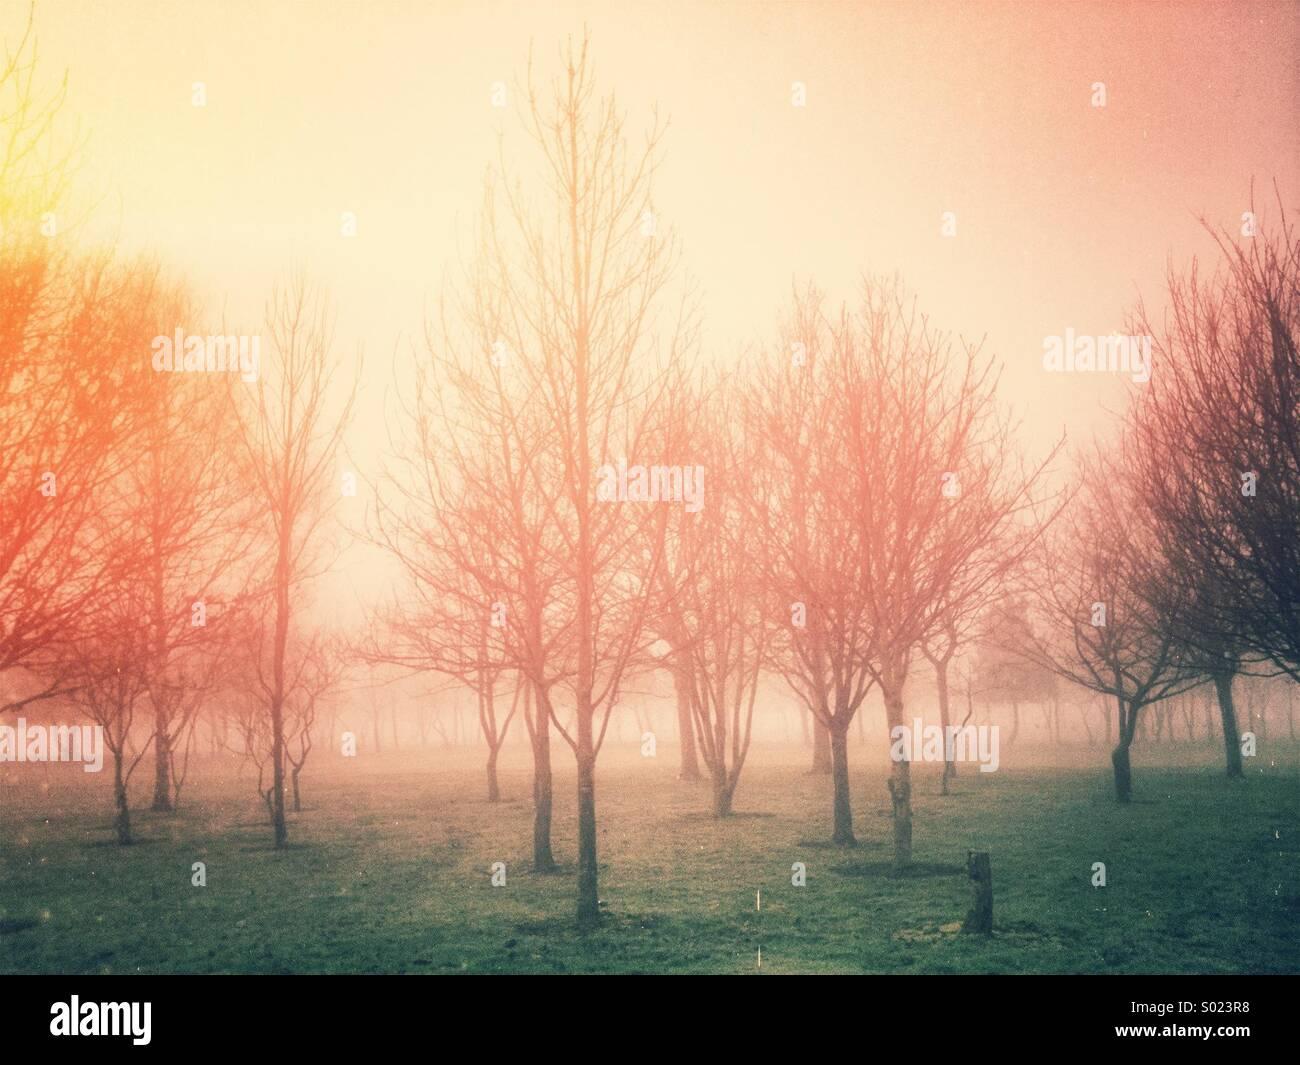 Niebla paisaje con un estilo retro filtro aplicado. Foto de stock